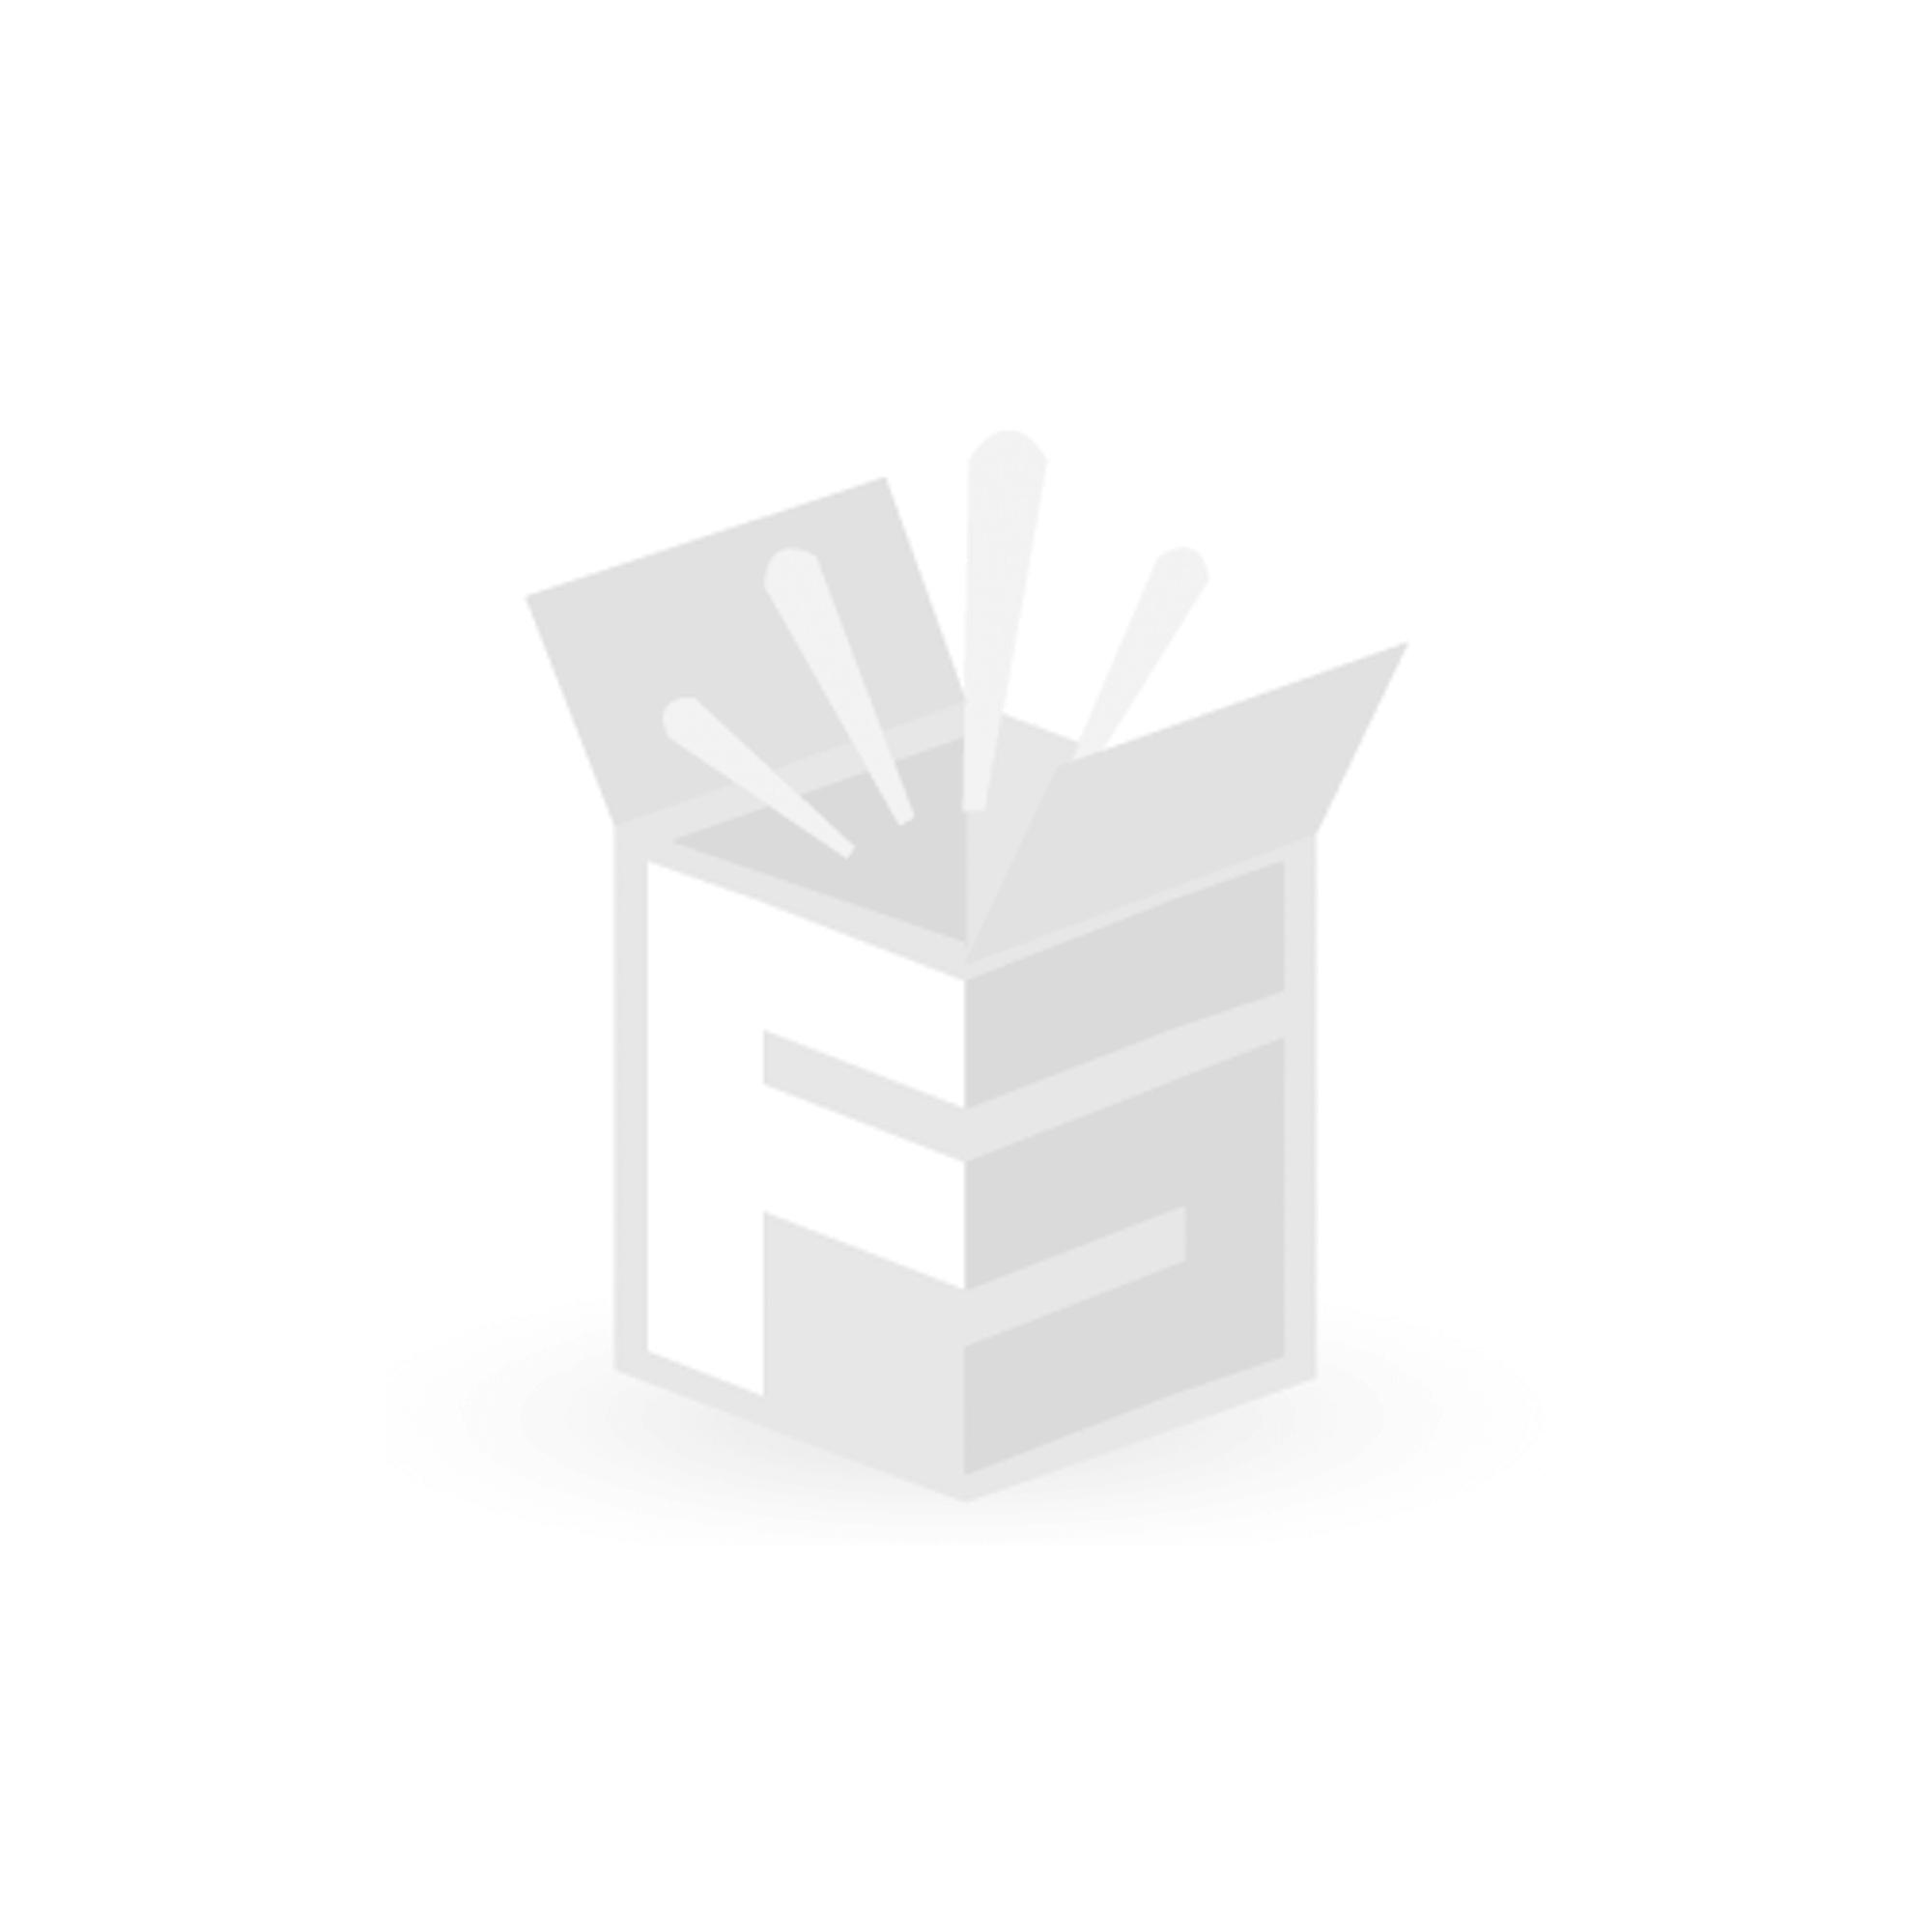 Contini höhenverstellbarer Bürotisch 200 x 90 cm, weiss / Gestell dunkelgrau